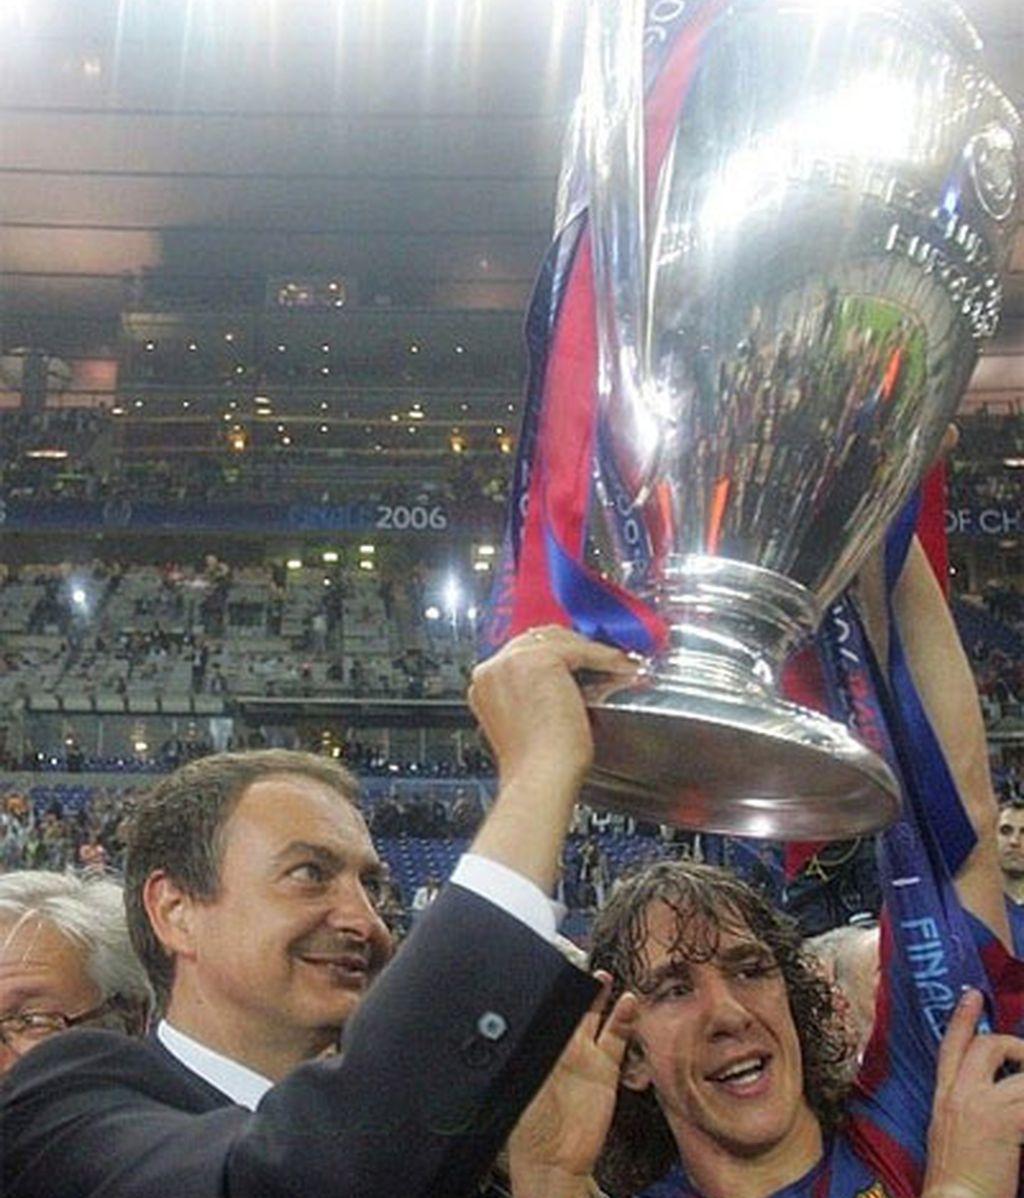 Con la Copa del Liga ganada por el Barça en 2008